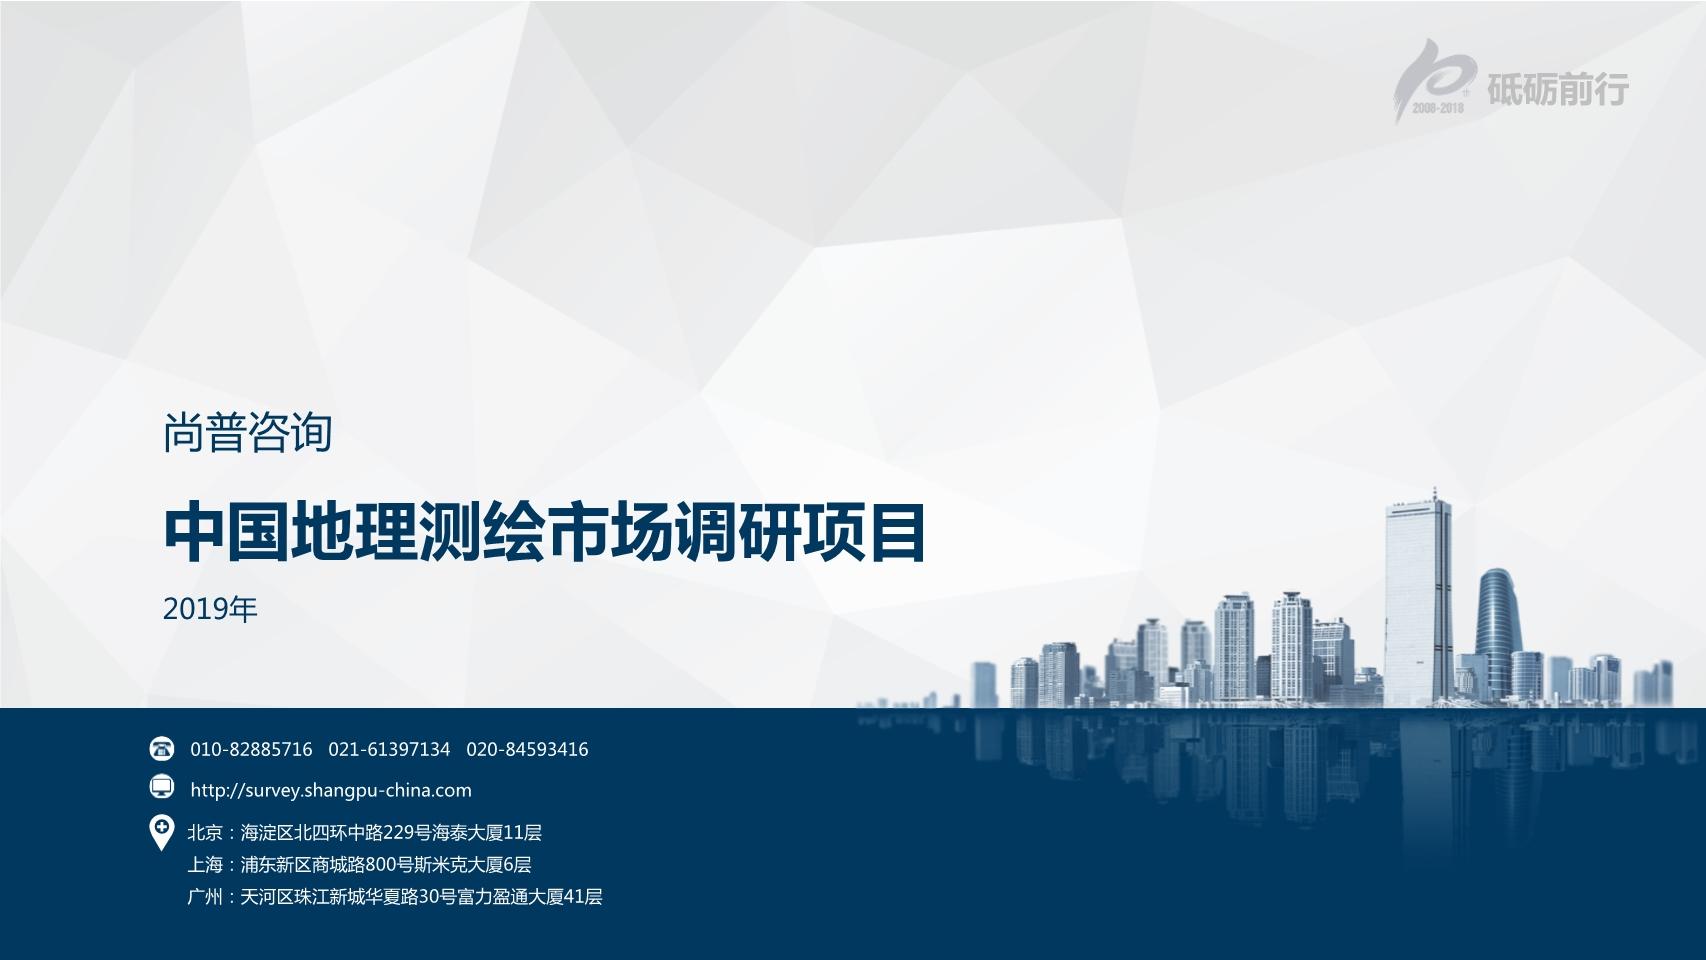 中国地理测绘市场调研